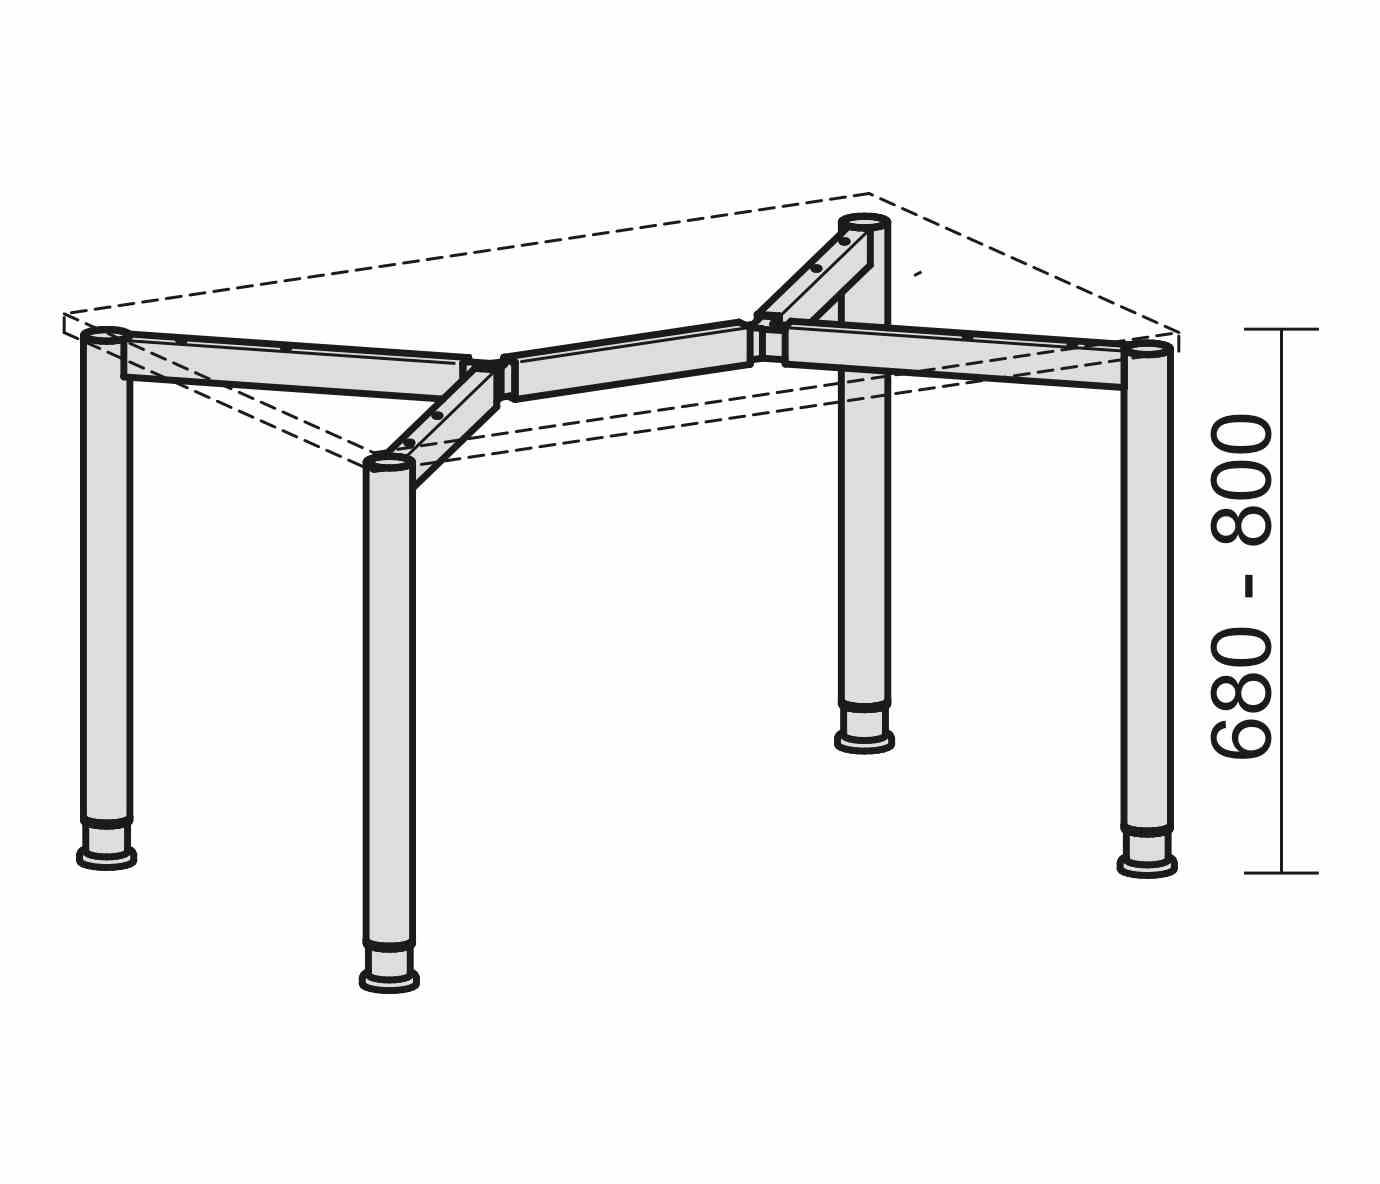 schreibtisch serie r1 160 x 80 cm h henverstellbar. Black Bedroom Furniture Sets. Home Design Ideas